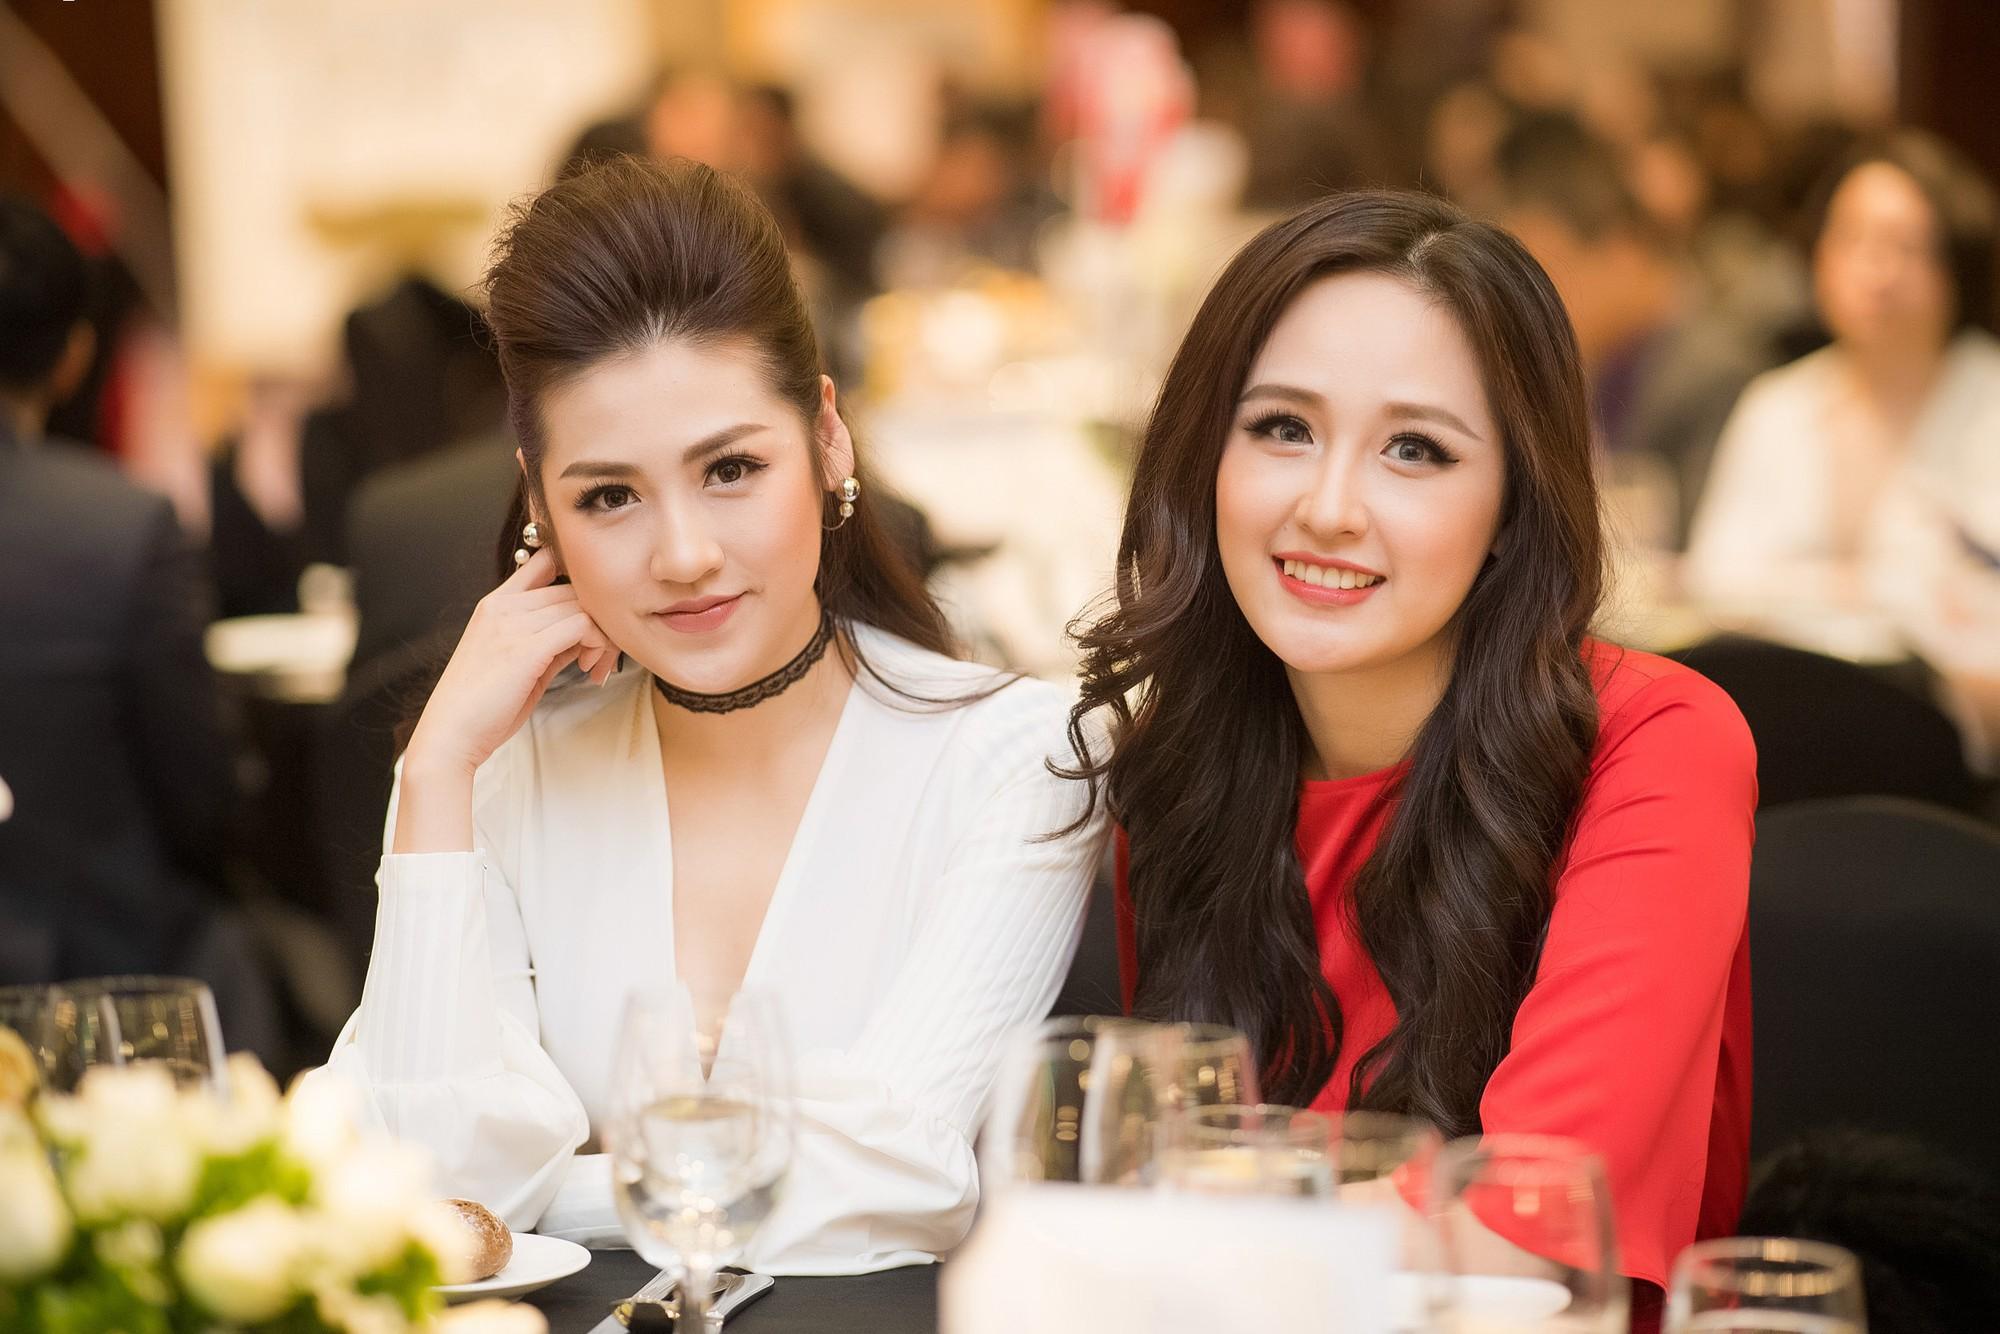 Hé lộ dàn khách mời Hoa hậu, Á hậu đình đám góp mặt trong đám cưới của Tú Anh ngày 21/7 - Ảnh 2.